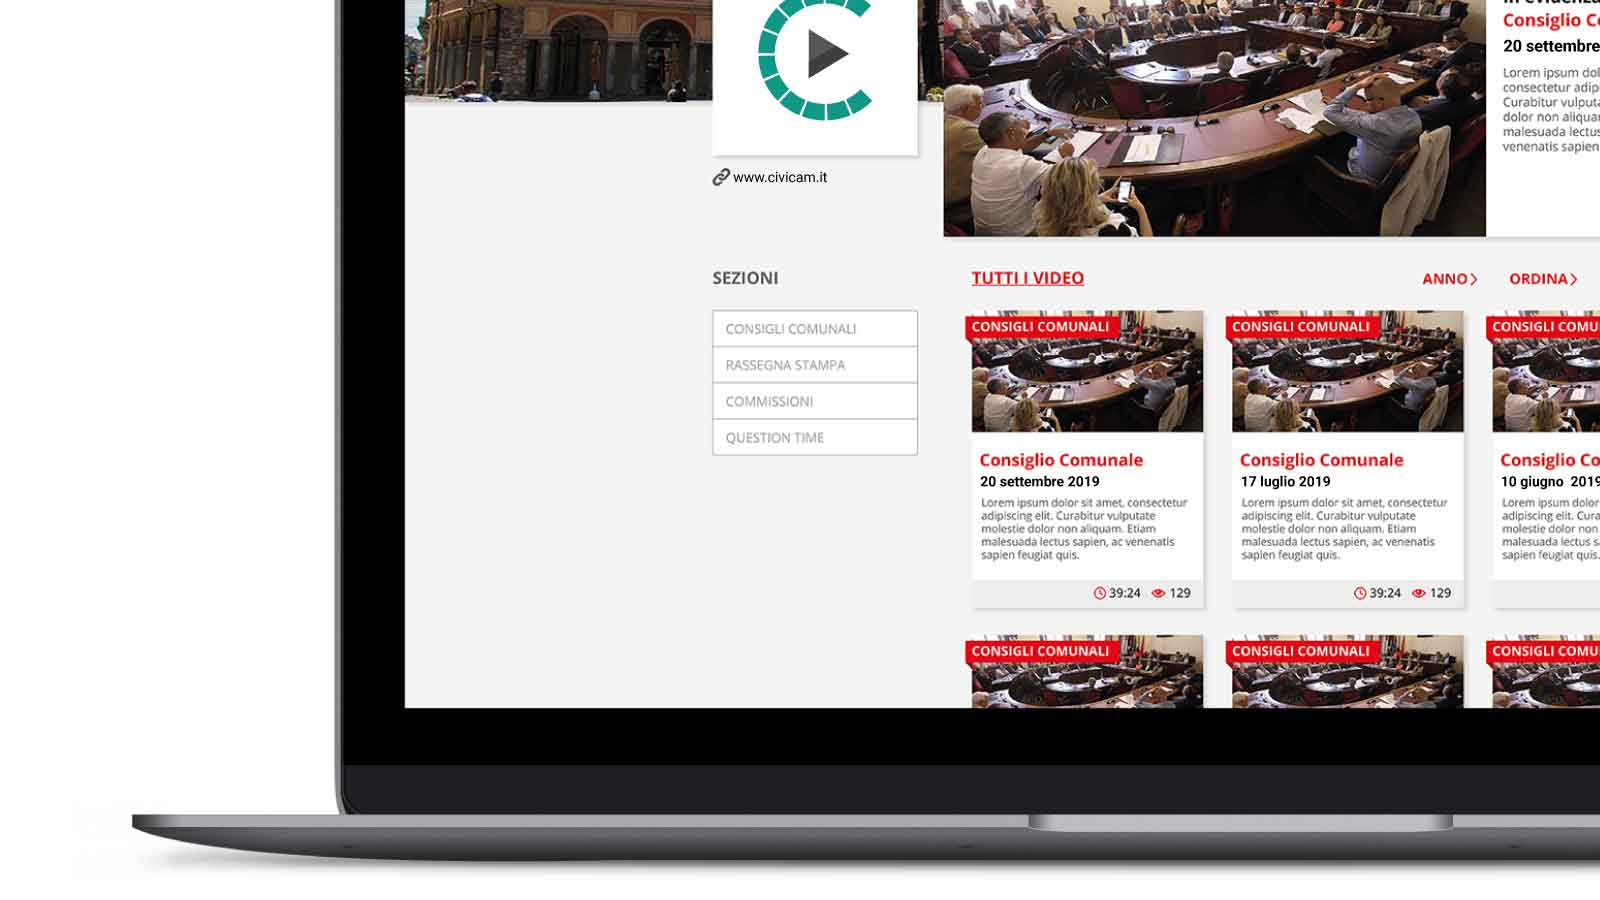 2. Sei idee originali per usare le Sezioni e dare visibilità alla diretta | CiviCam